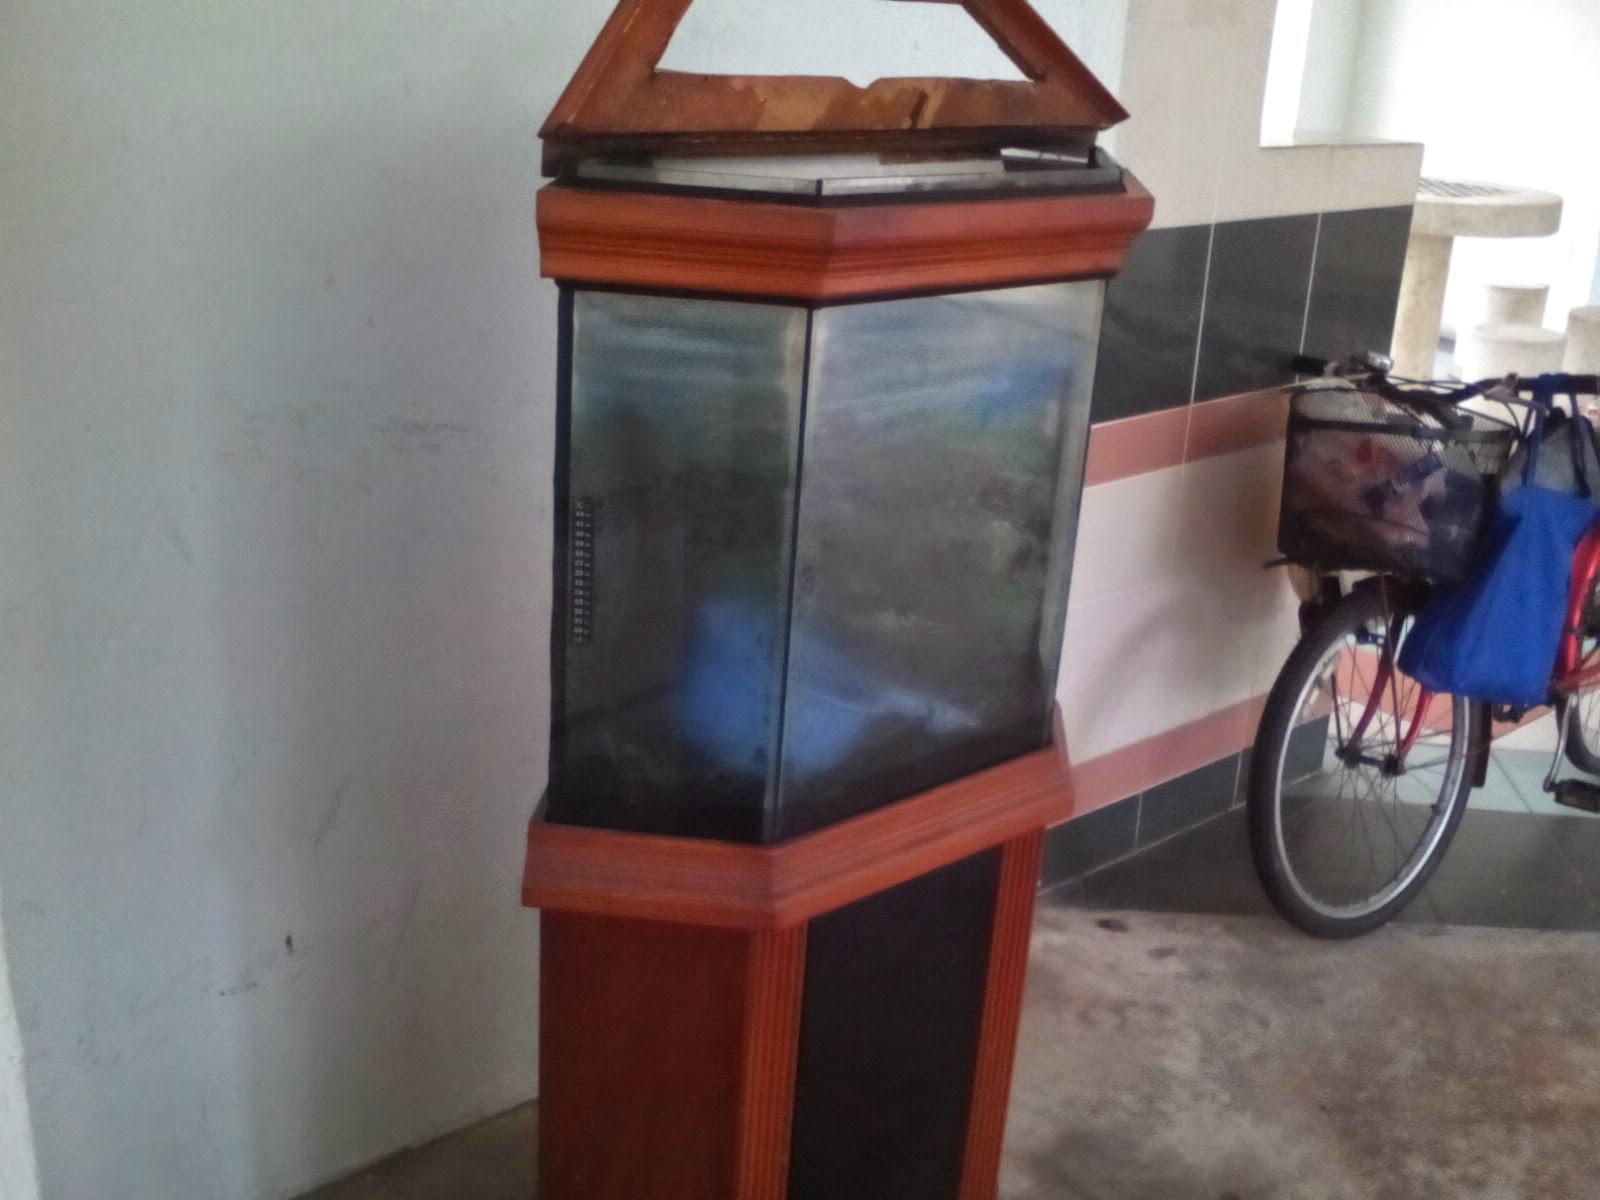 fish aquarium yishun - Fish tank | D27 Sembawang / Yishun | Gumtree ... Guppy Fish Eggs In Tank